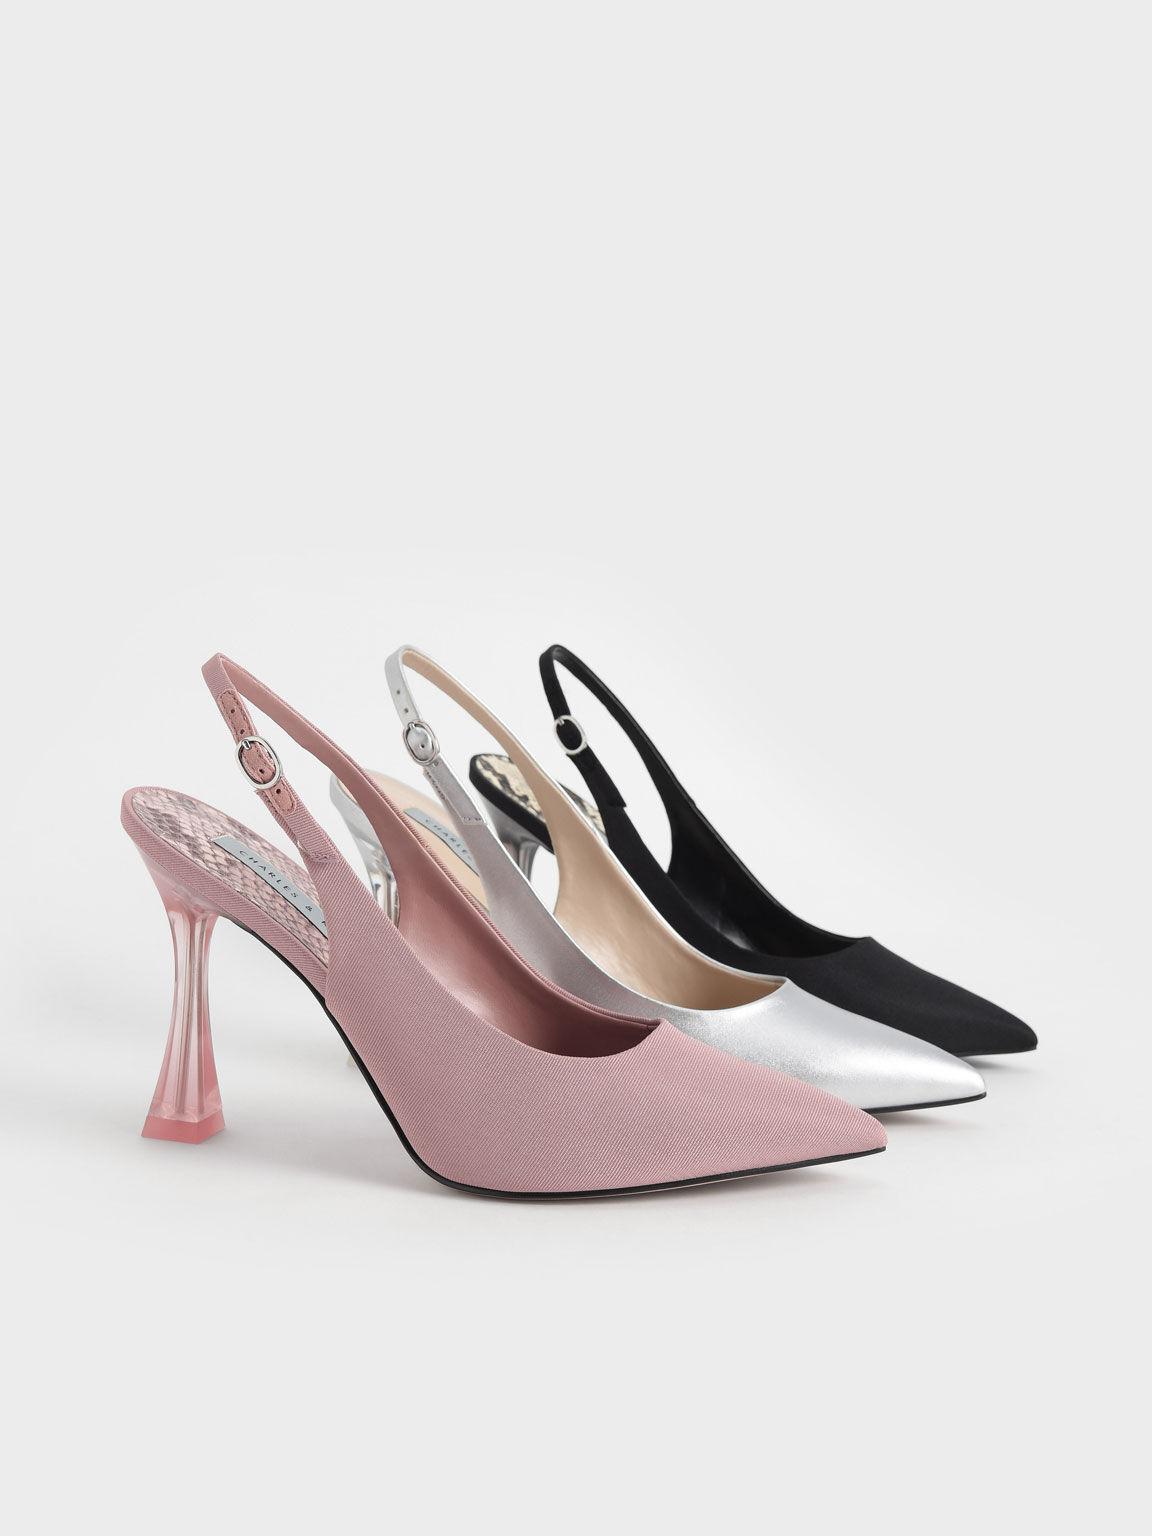 Sepatu Clear Sculptural Heel Slingback Pumps, Black, hi-res